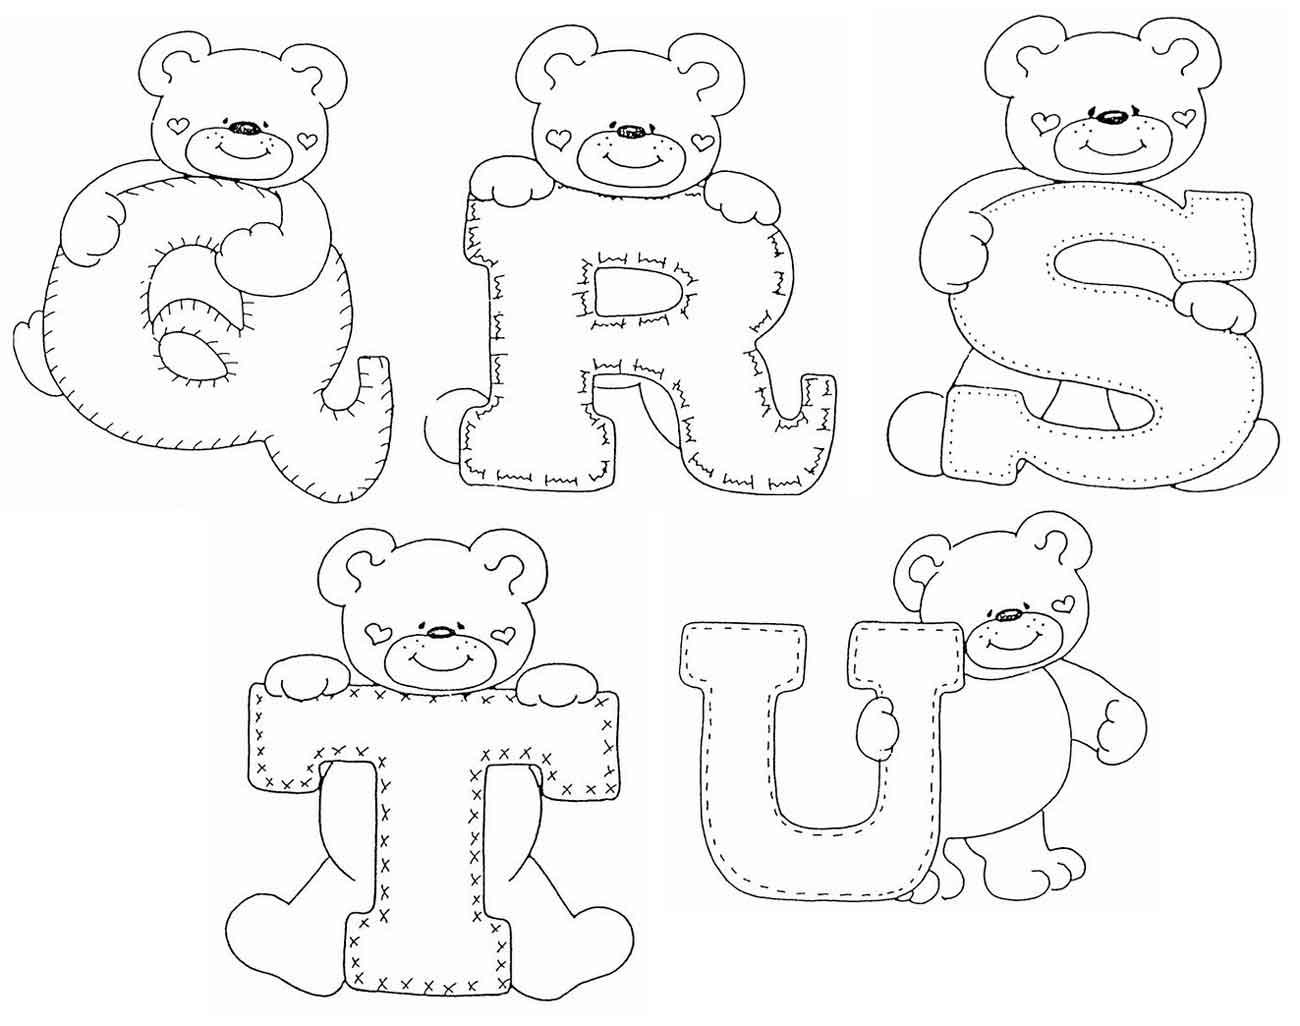 Раскраски алфавит распечатать | Детские раскраски ...